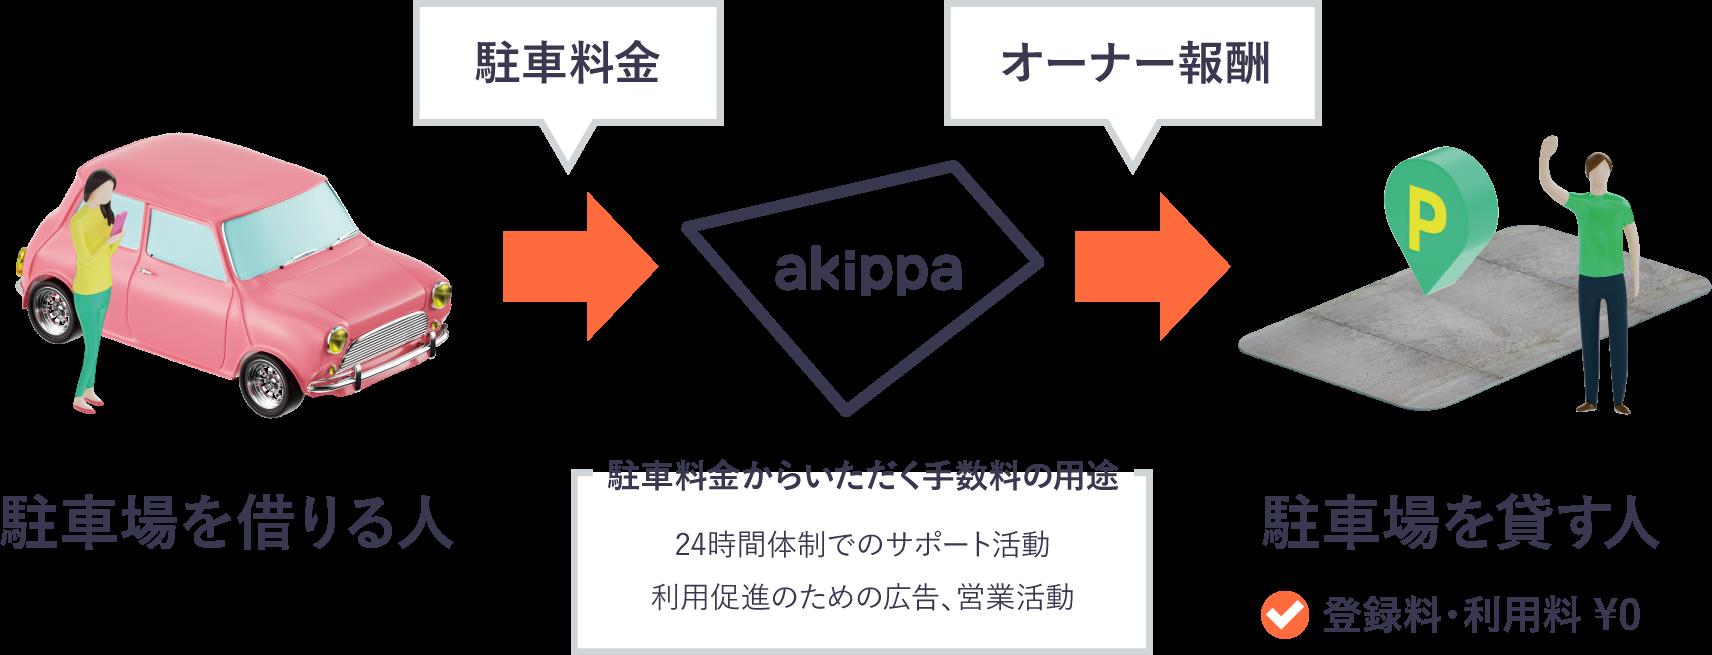 自宅の駐車場を貸すサービスakippaの仕組み